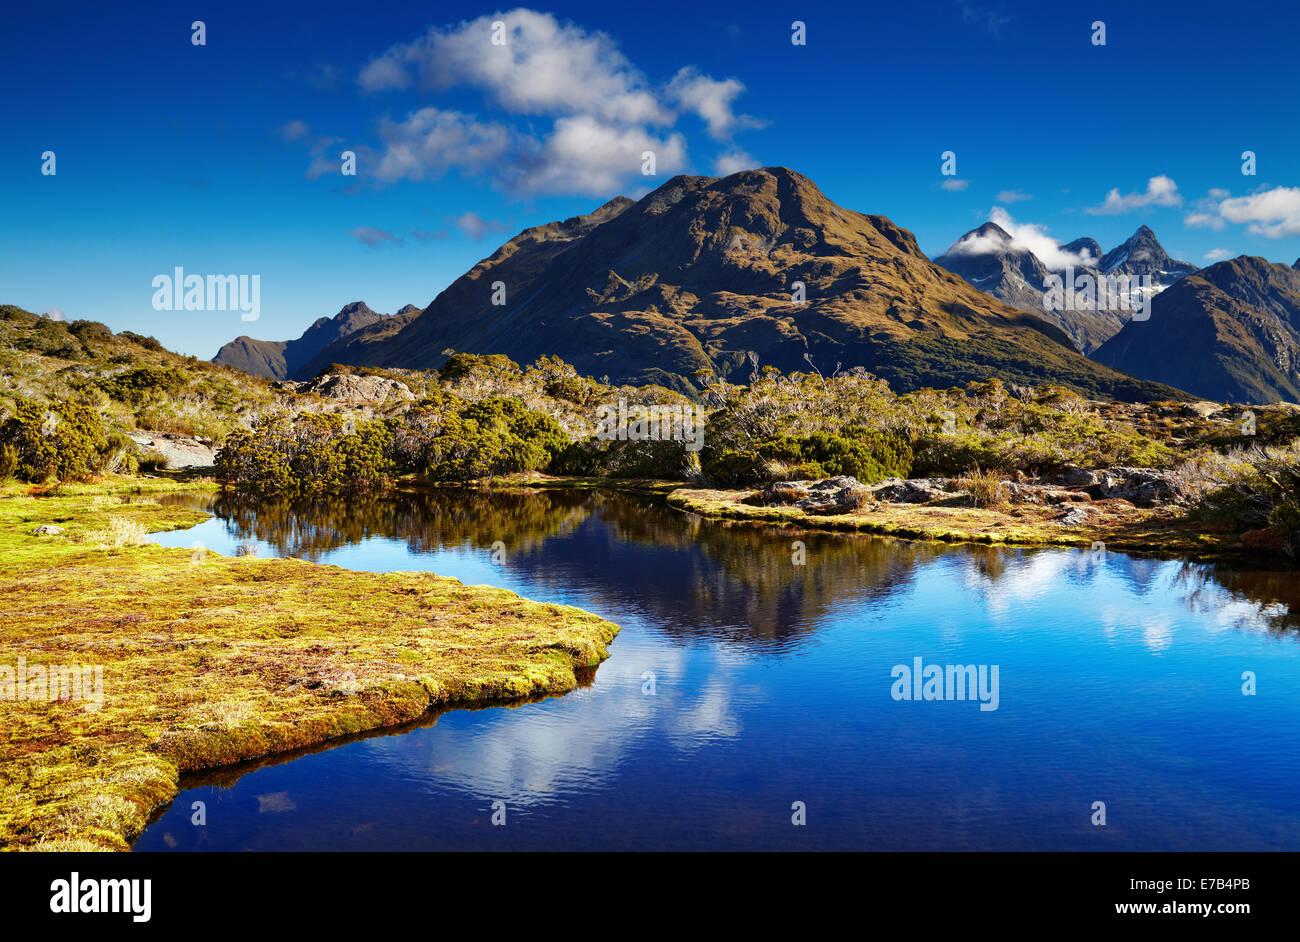 Piccolo lago al vertice di chiave, Routeburn track, Nuova Zelanda Immagini Stock